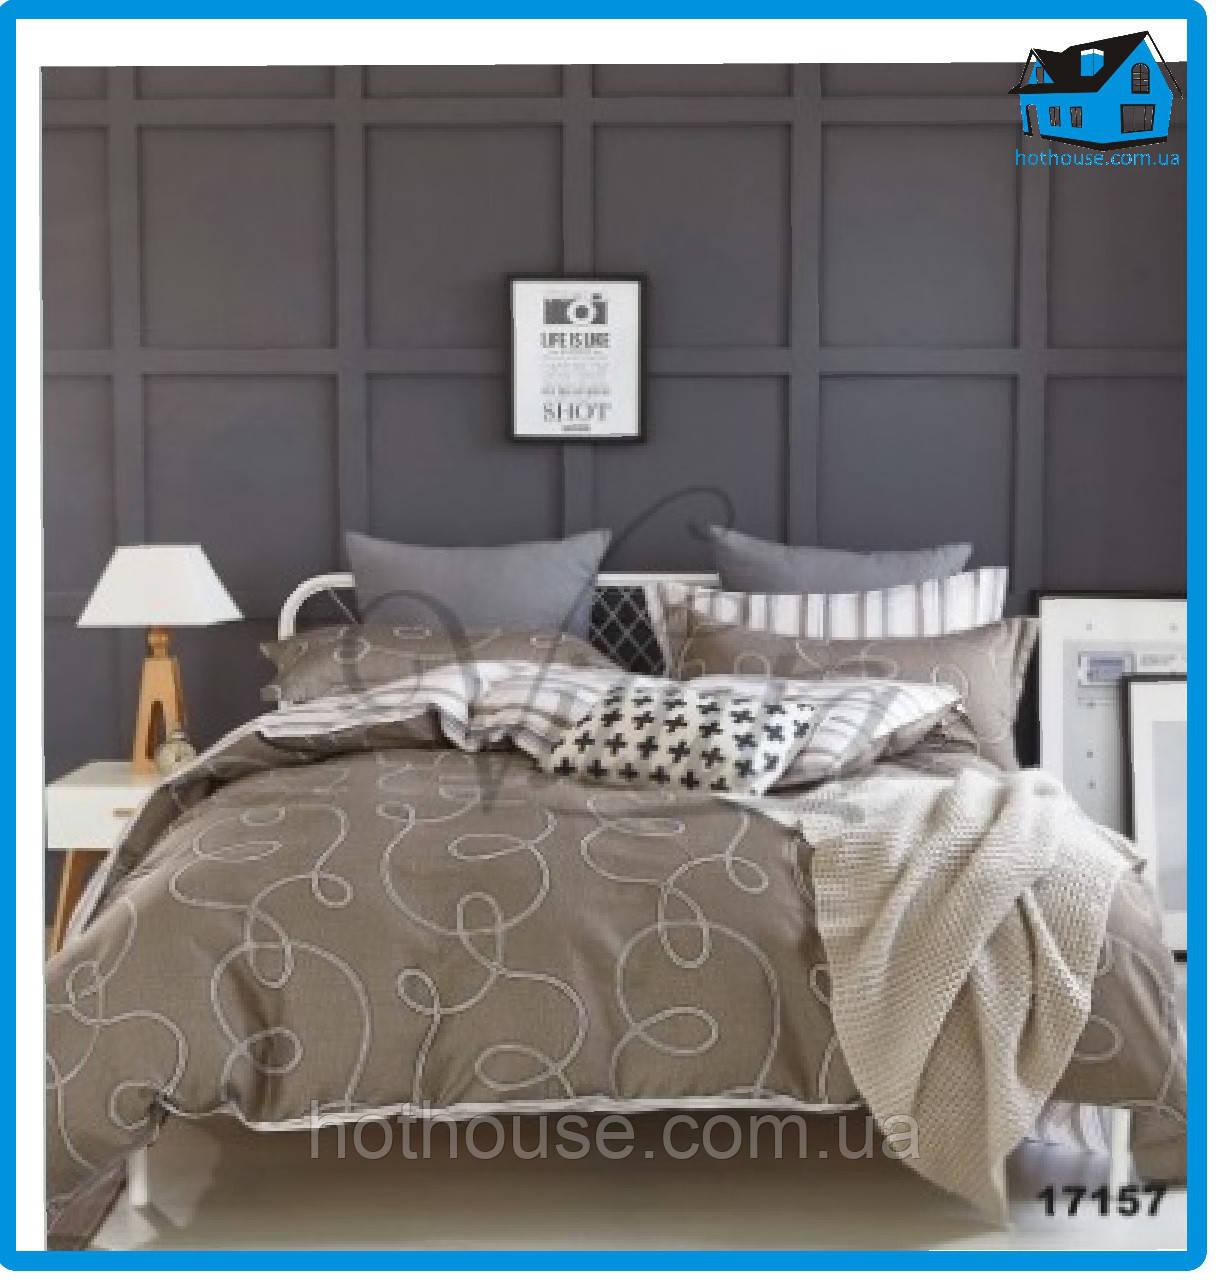 93c8717806c8 Комплект постельного белья Viluta (евро размер), цена 730 грн ...